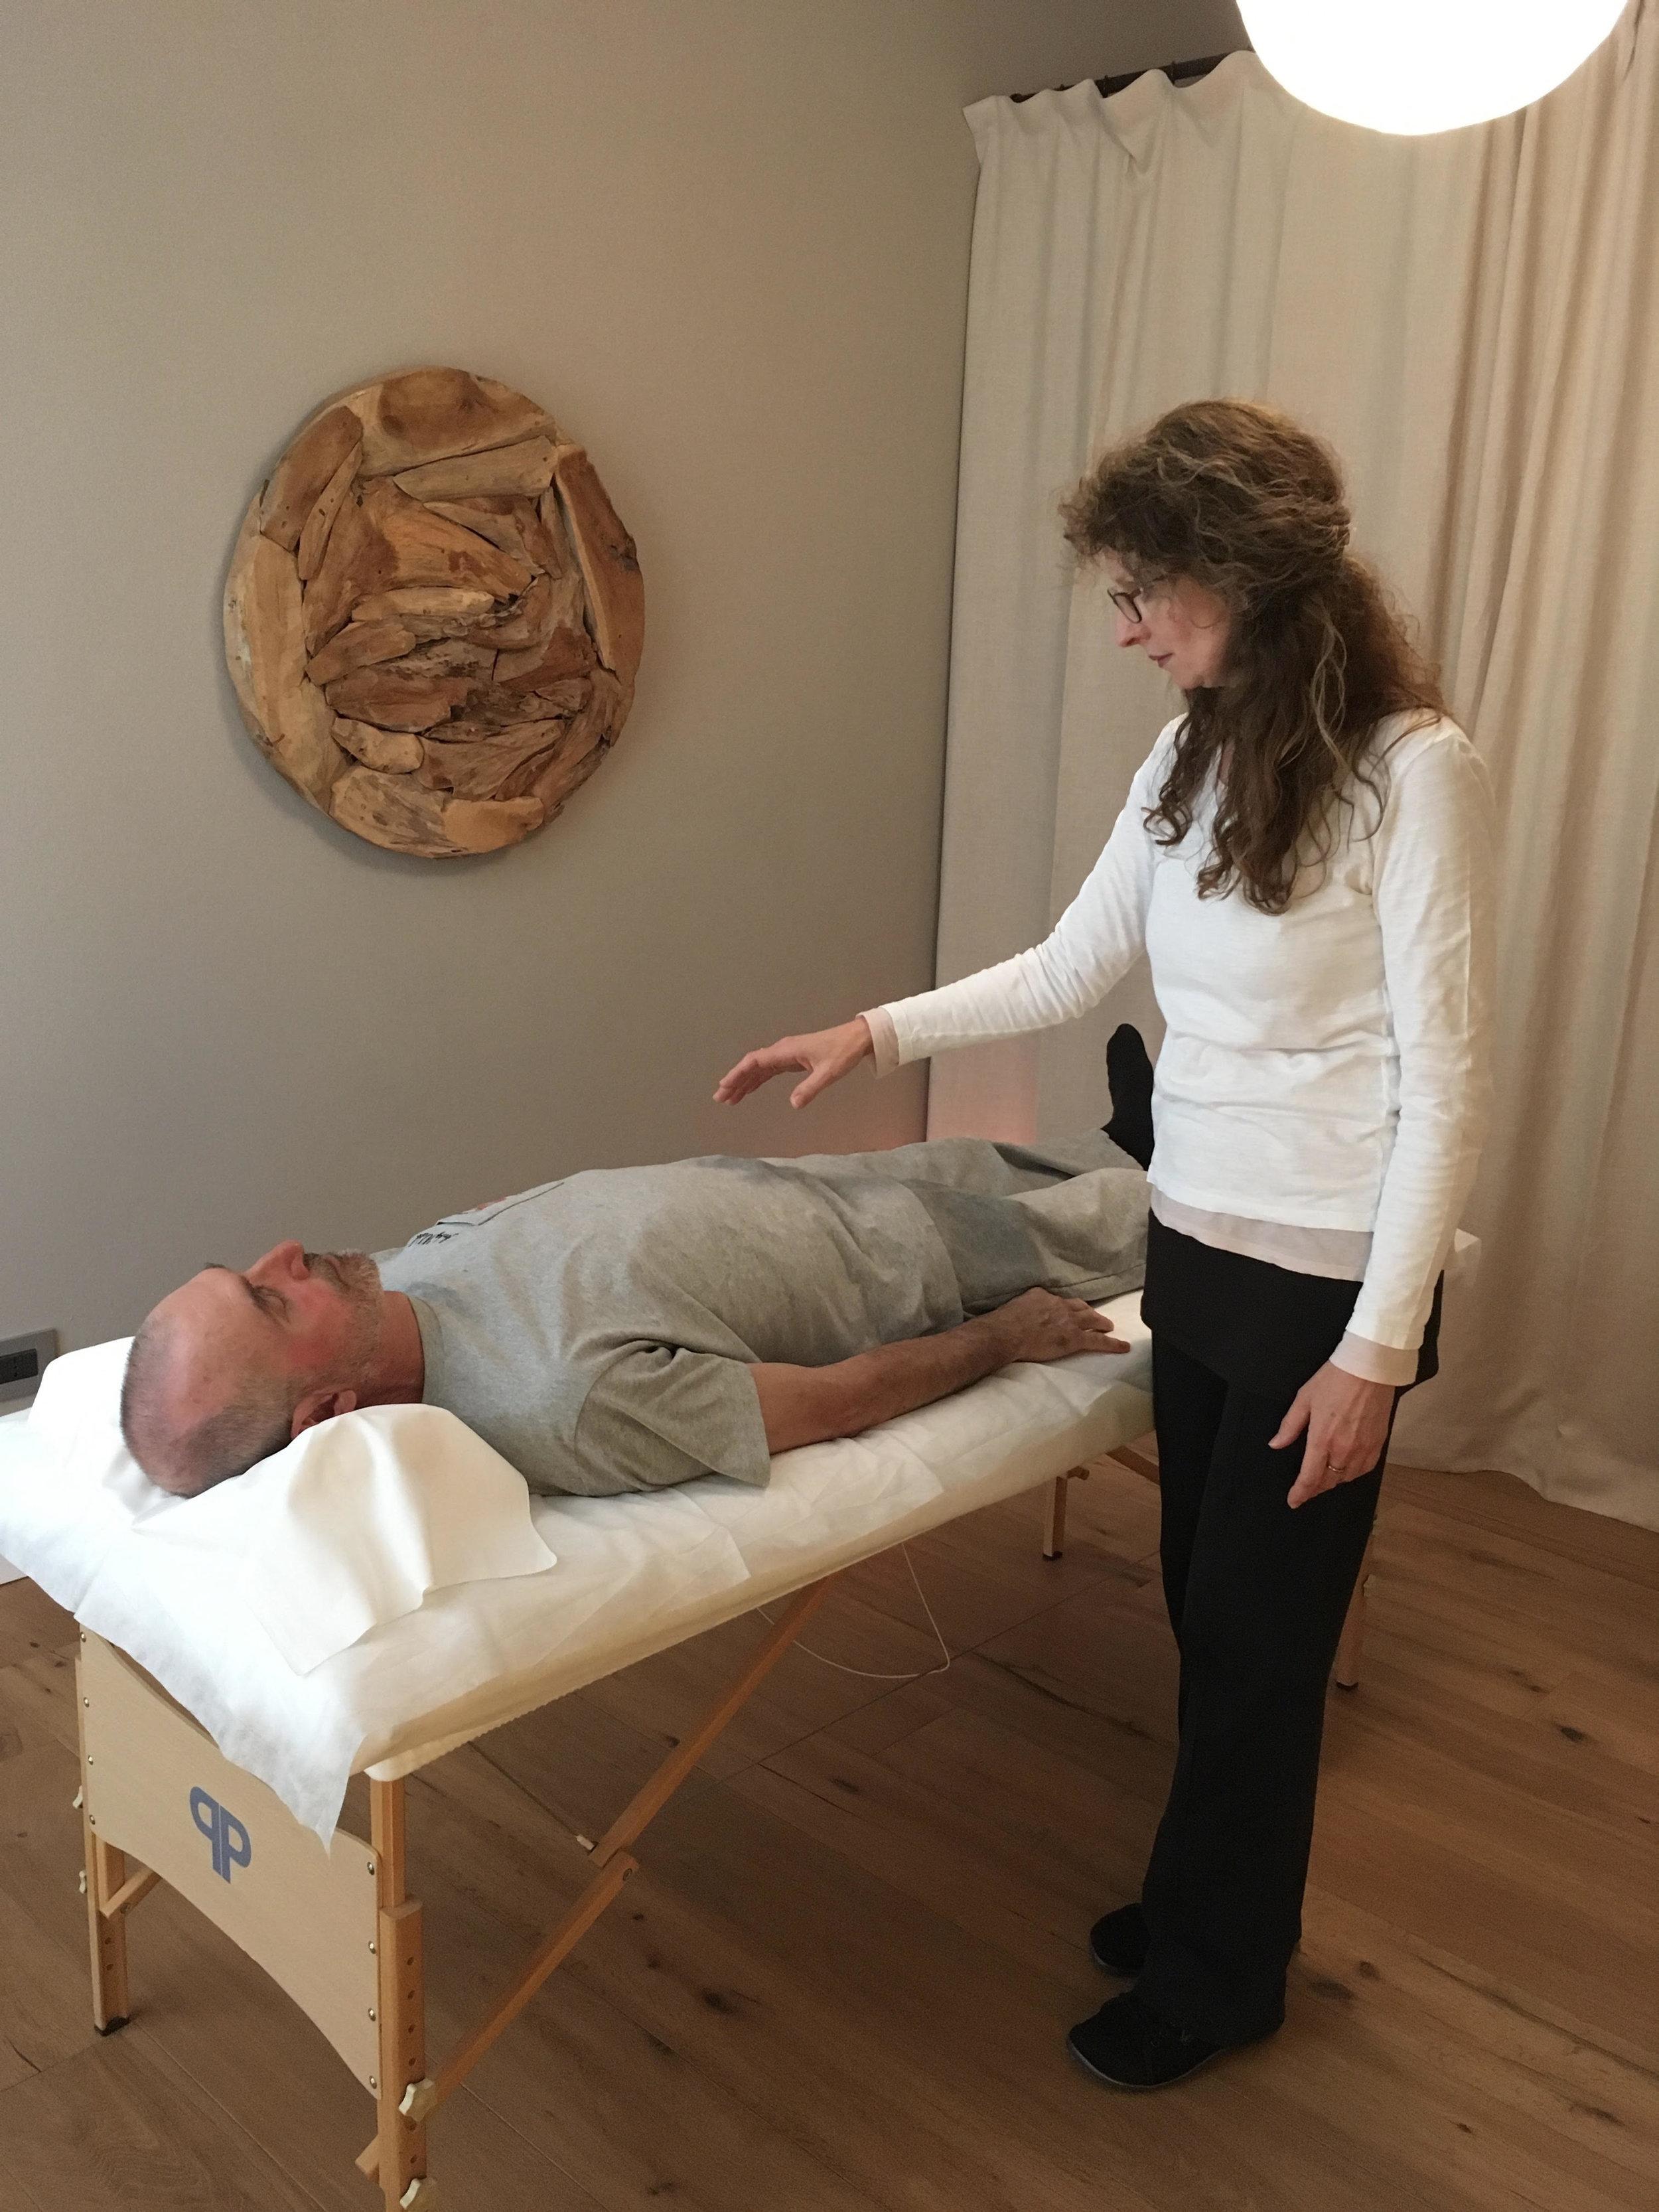 quantum shiatsu bra cuneo torino trattamenti shiatsu studio annalisa bachmann salute benessere massaggi.jpg